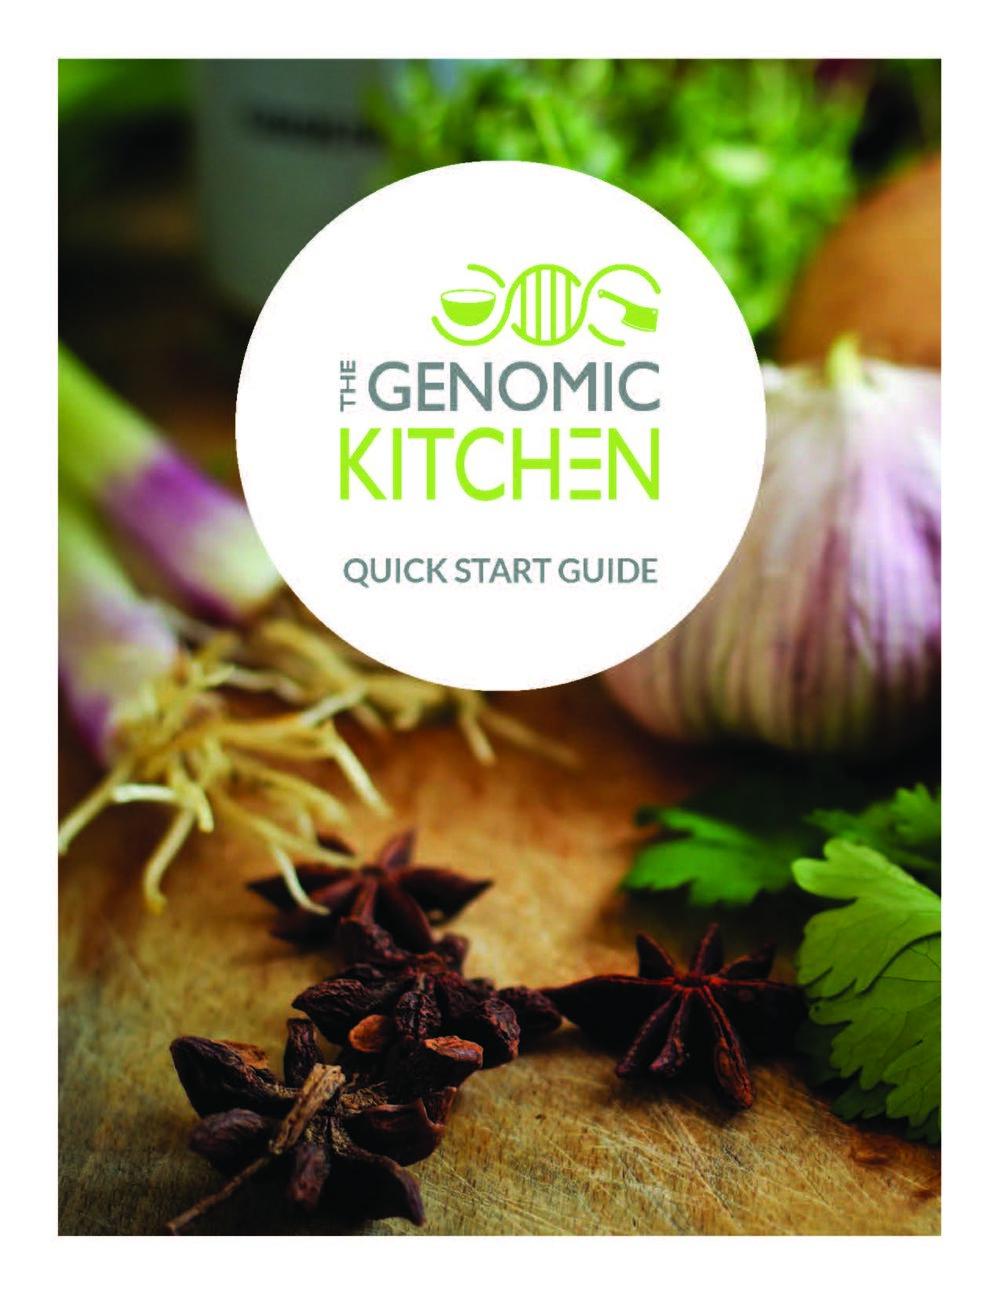 QuickStartGuide2019 culinary genomics.jpg